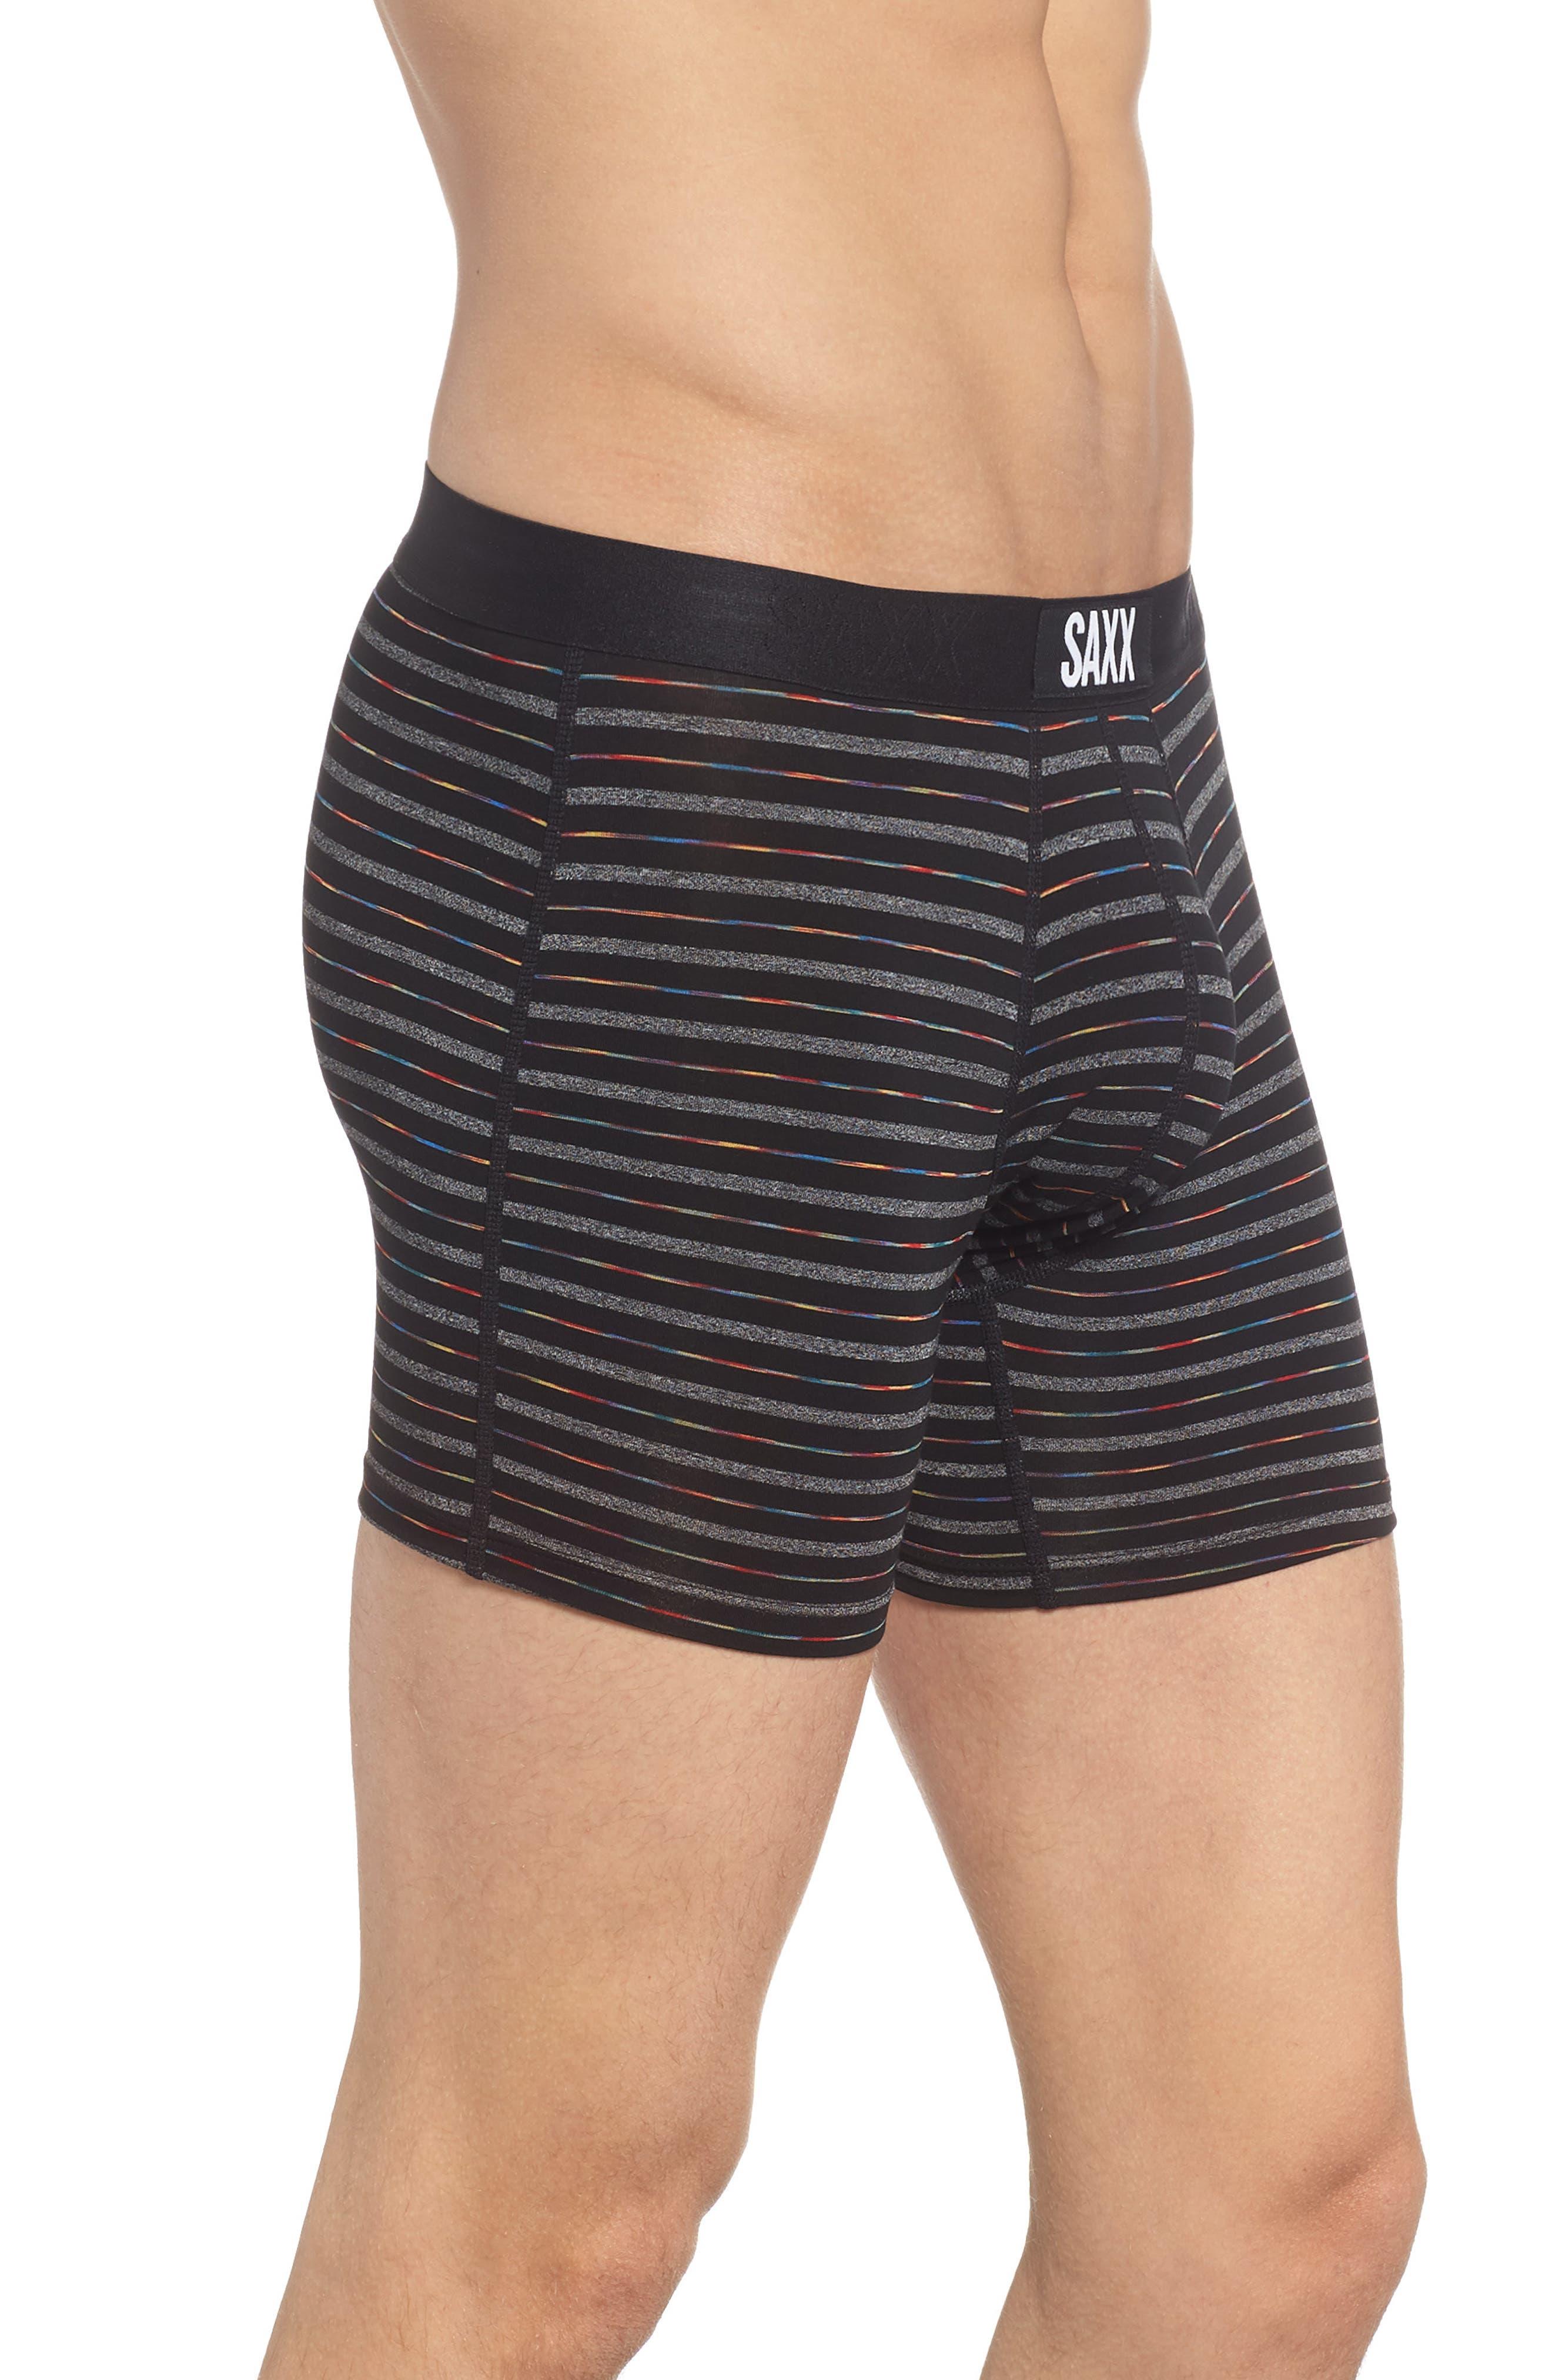 Vibe Boxer Briefs,                             Alternate thumbnail 3, color,                             Black Gradient Stripe